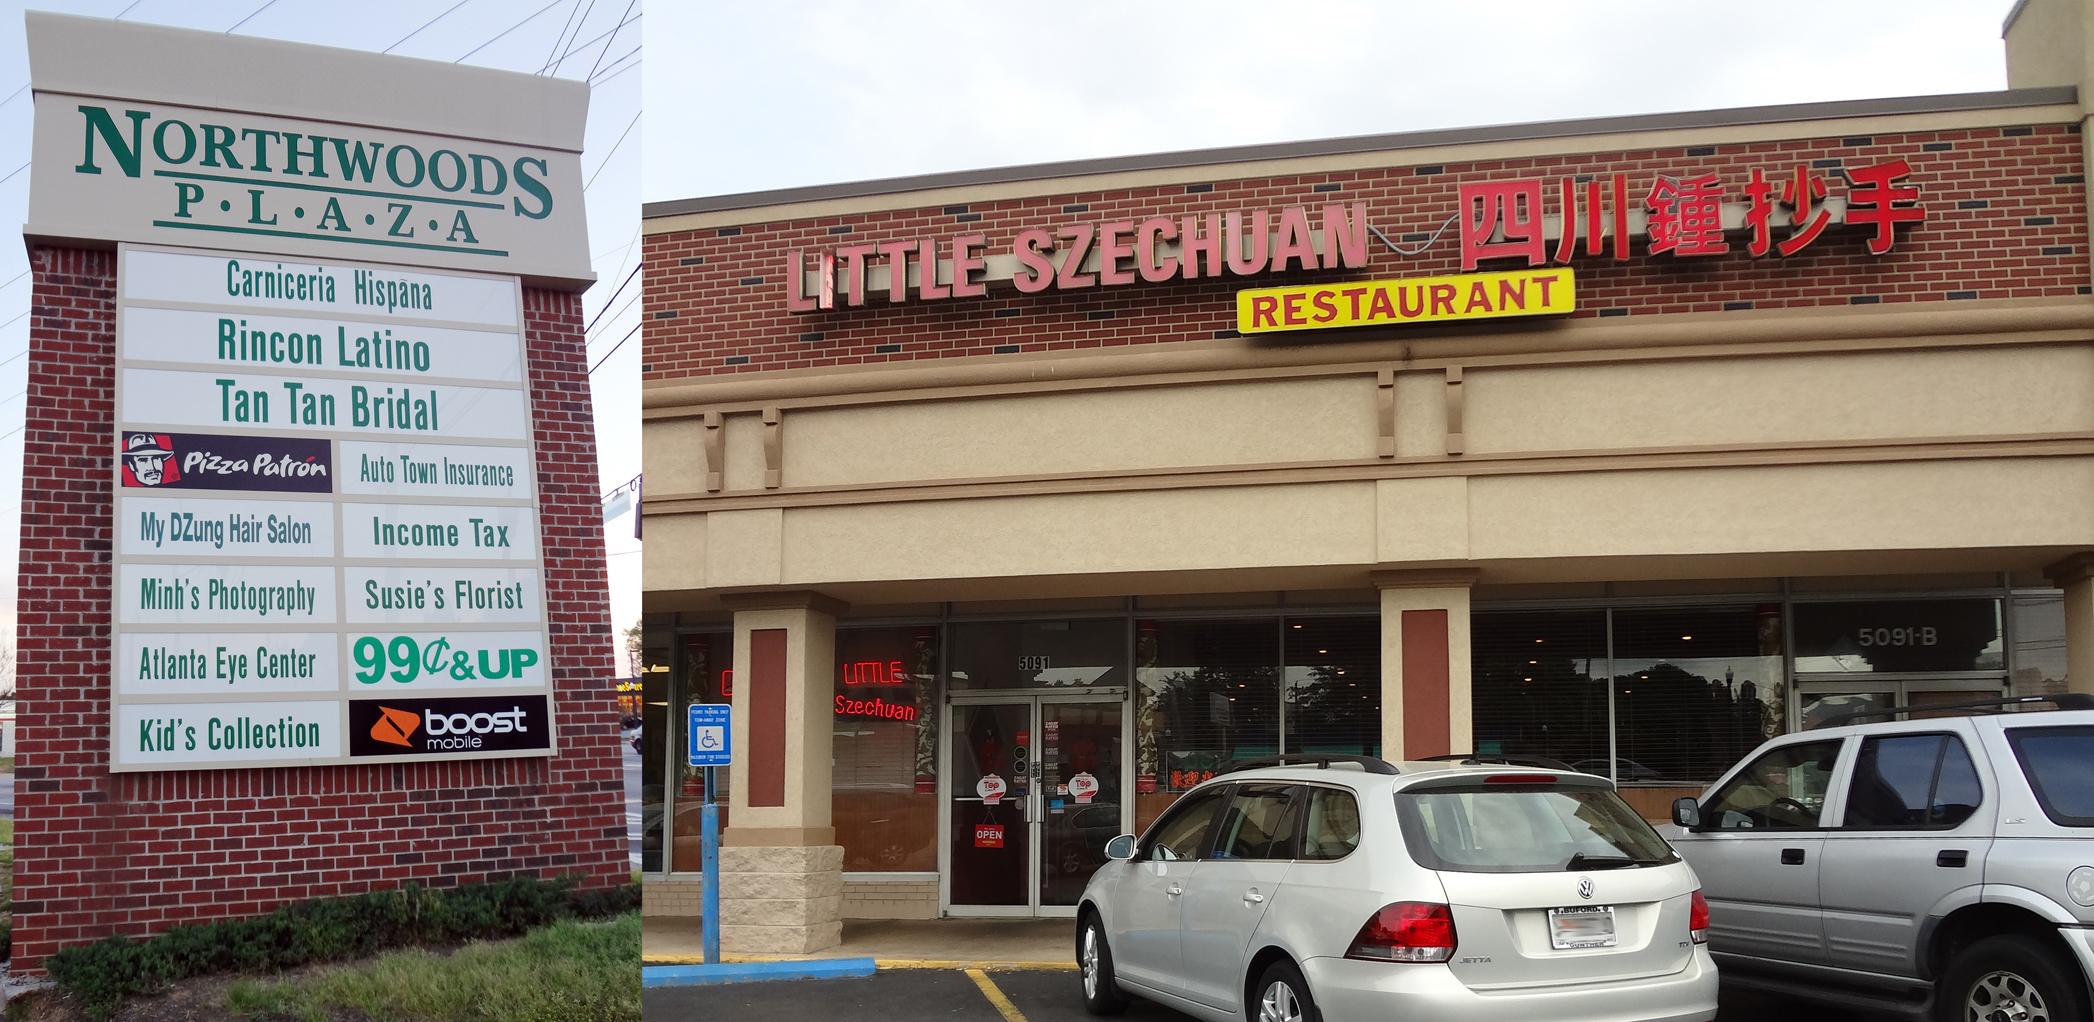 Little Szechuan Atlanta Buford Highway